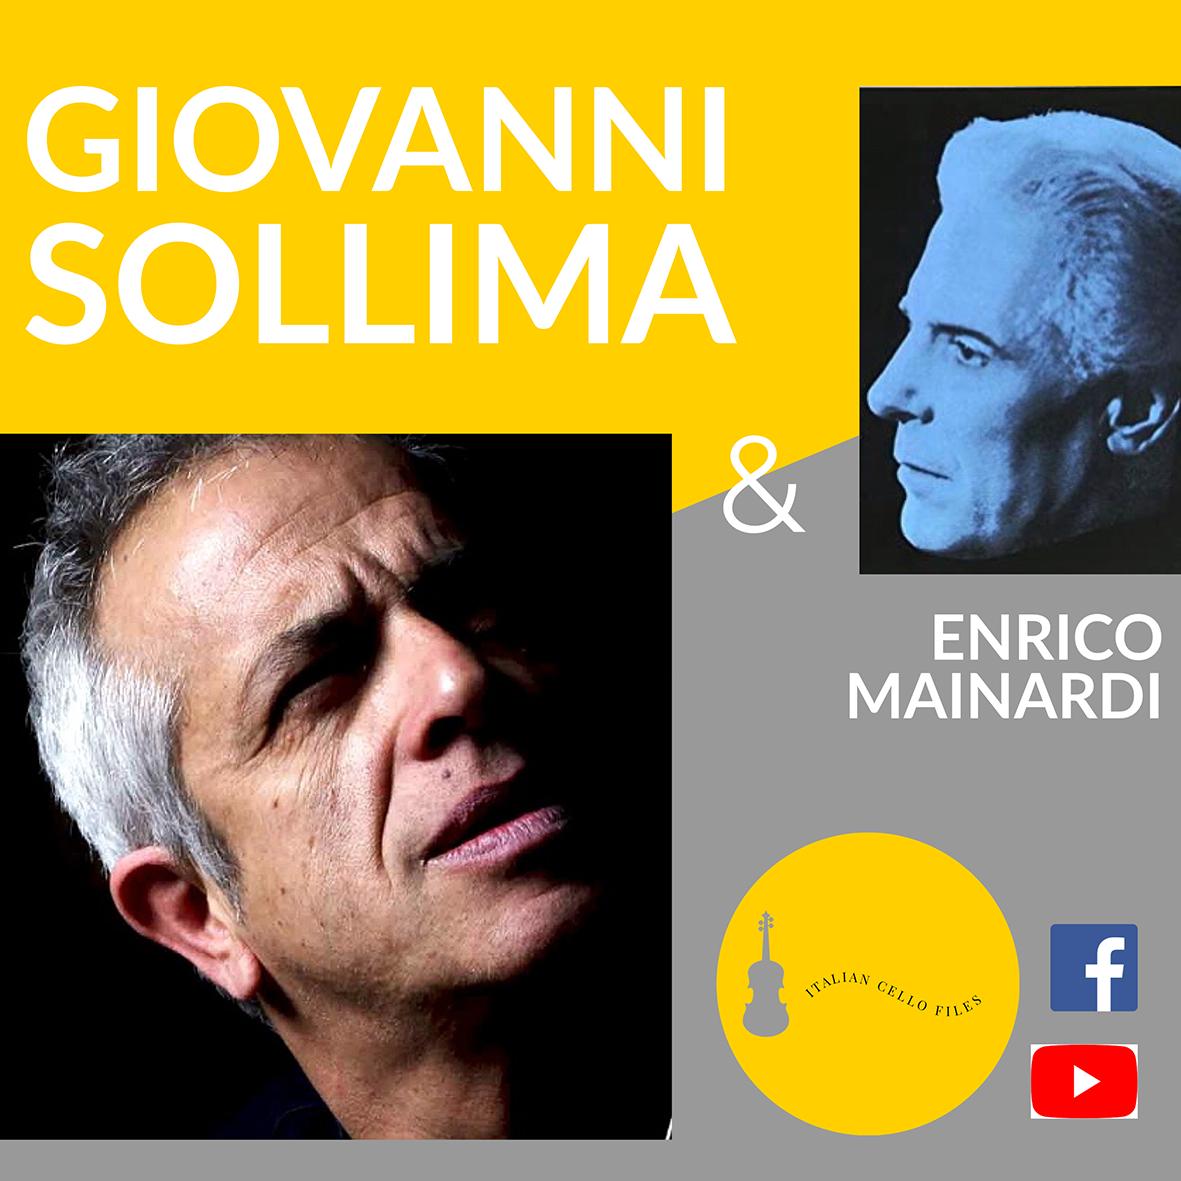 """INCONTRI ON LINE, GIOVEDÌ 25 MARZO """"ITALIAN CELLO FILES INCONTRA GIOVANNI SOLLIMA"""""""